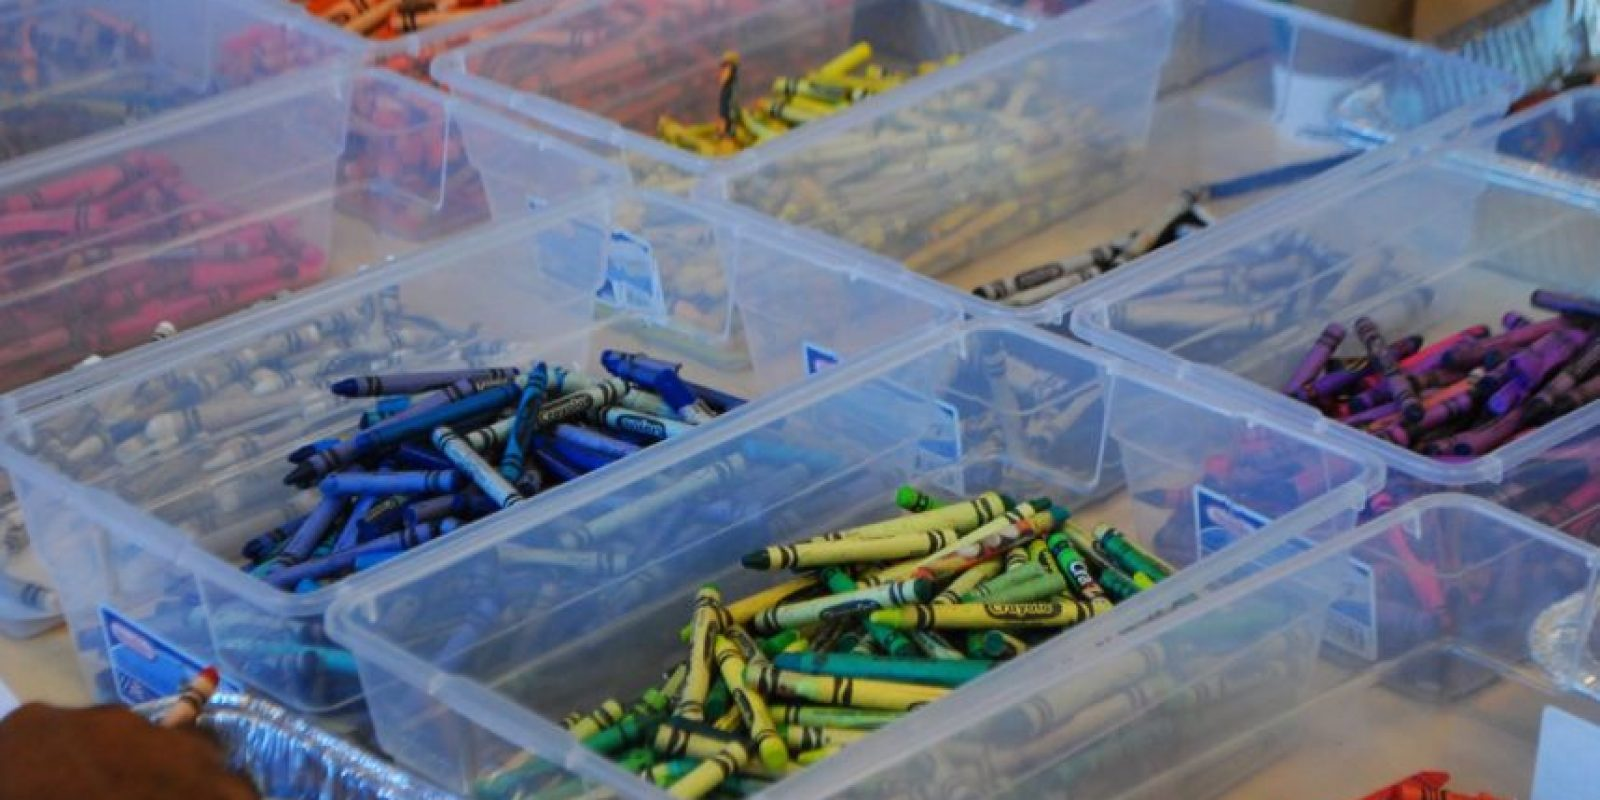 Foto:Vía Facebook.com/thecrayoninitiative